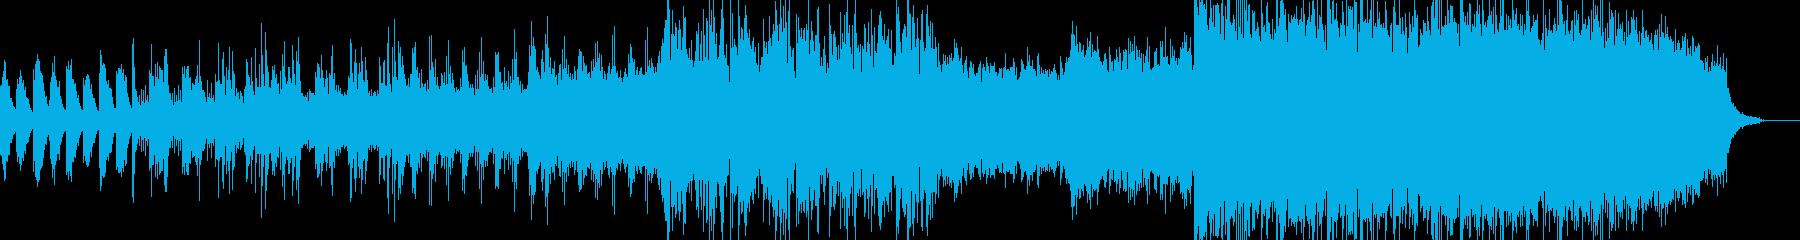 Fieldの再生済みの波形